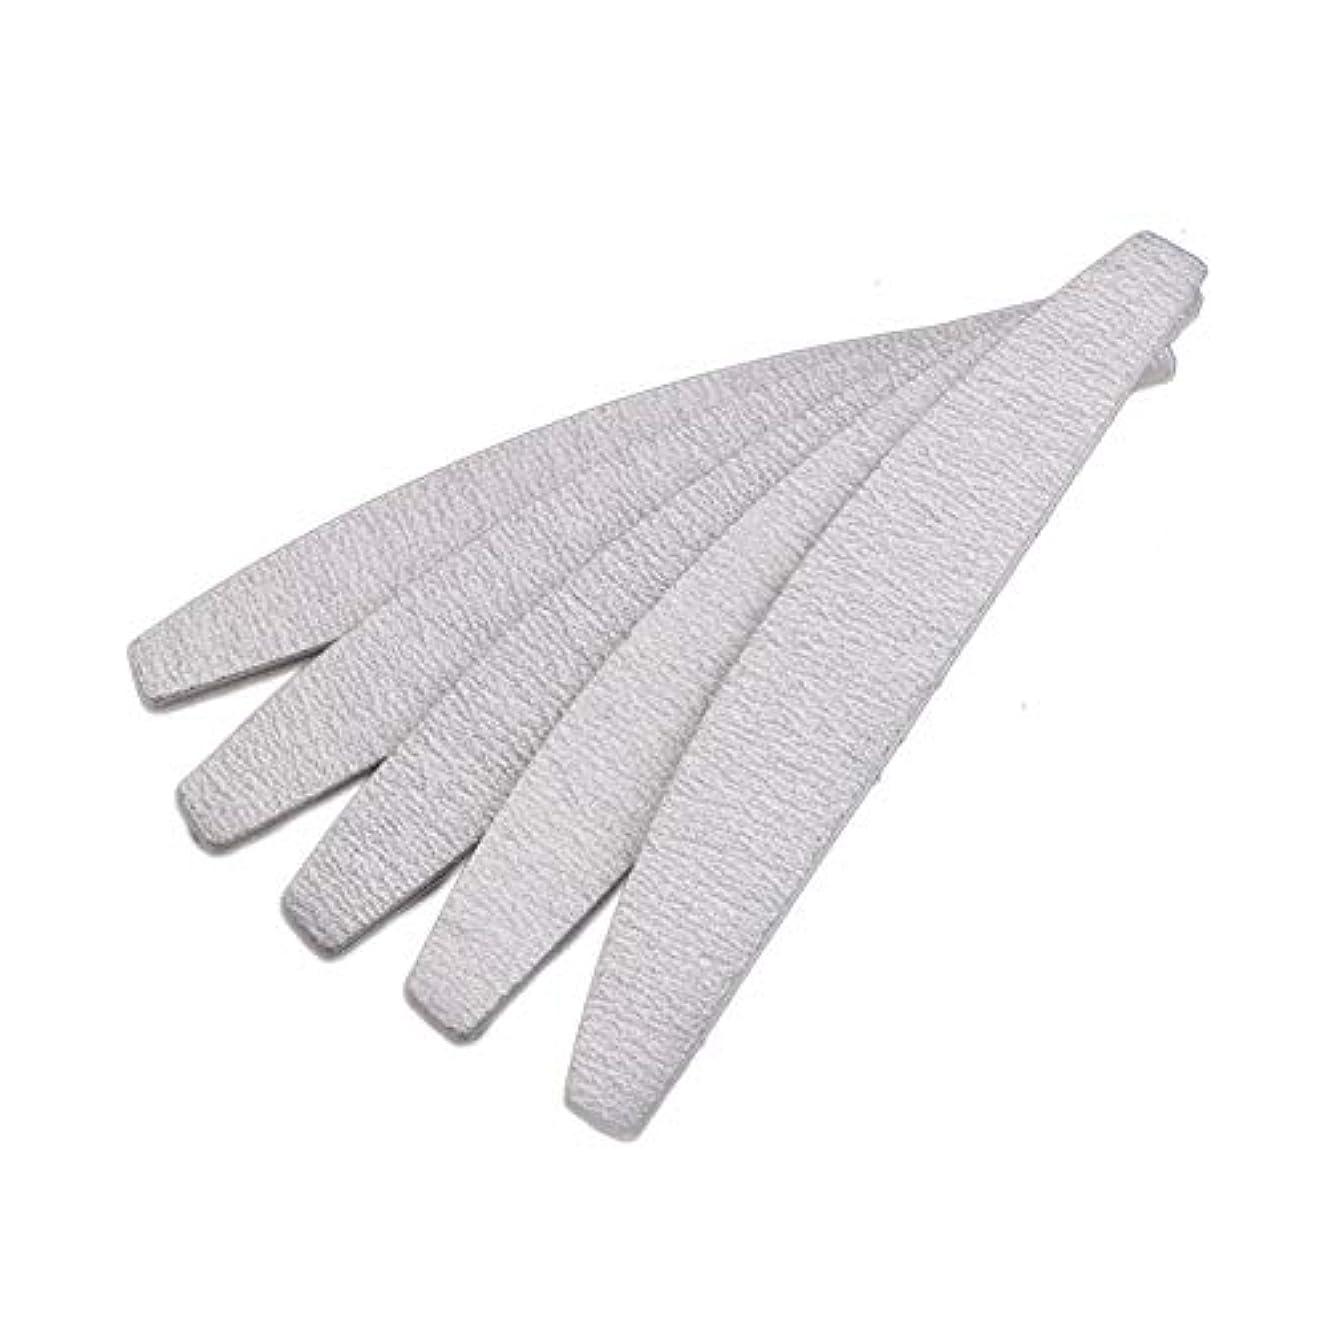 わずかなコンソール社交的Semoic 爪やすり ネイルファイル、D形、両面、灰白/オフホワイト、10個